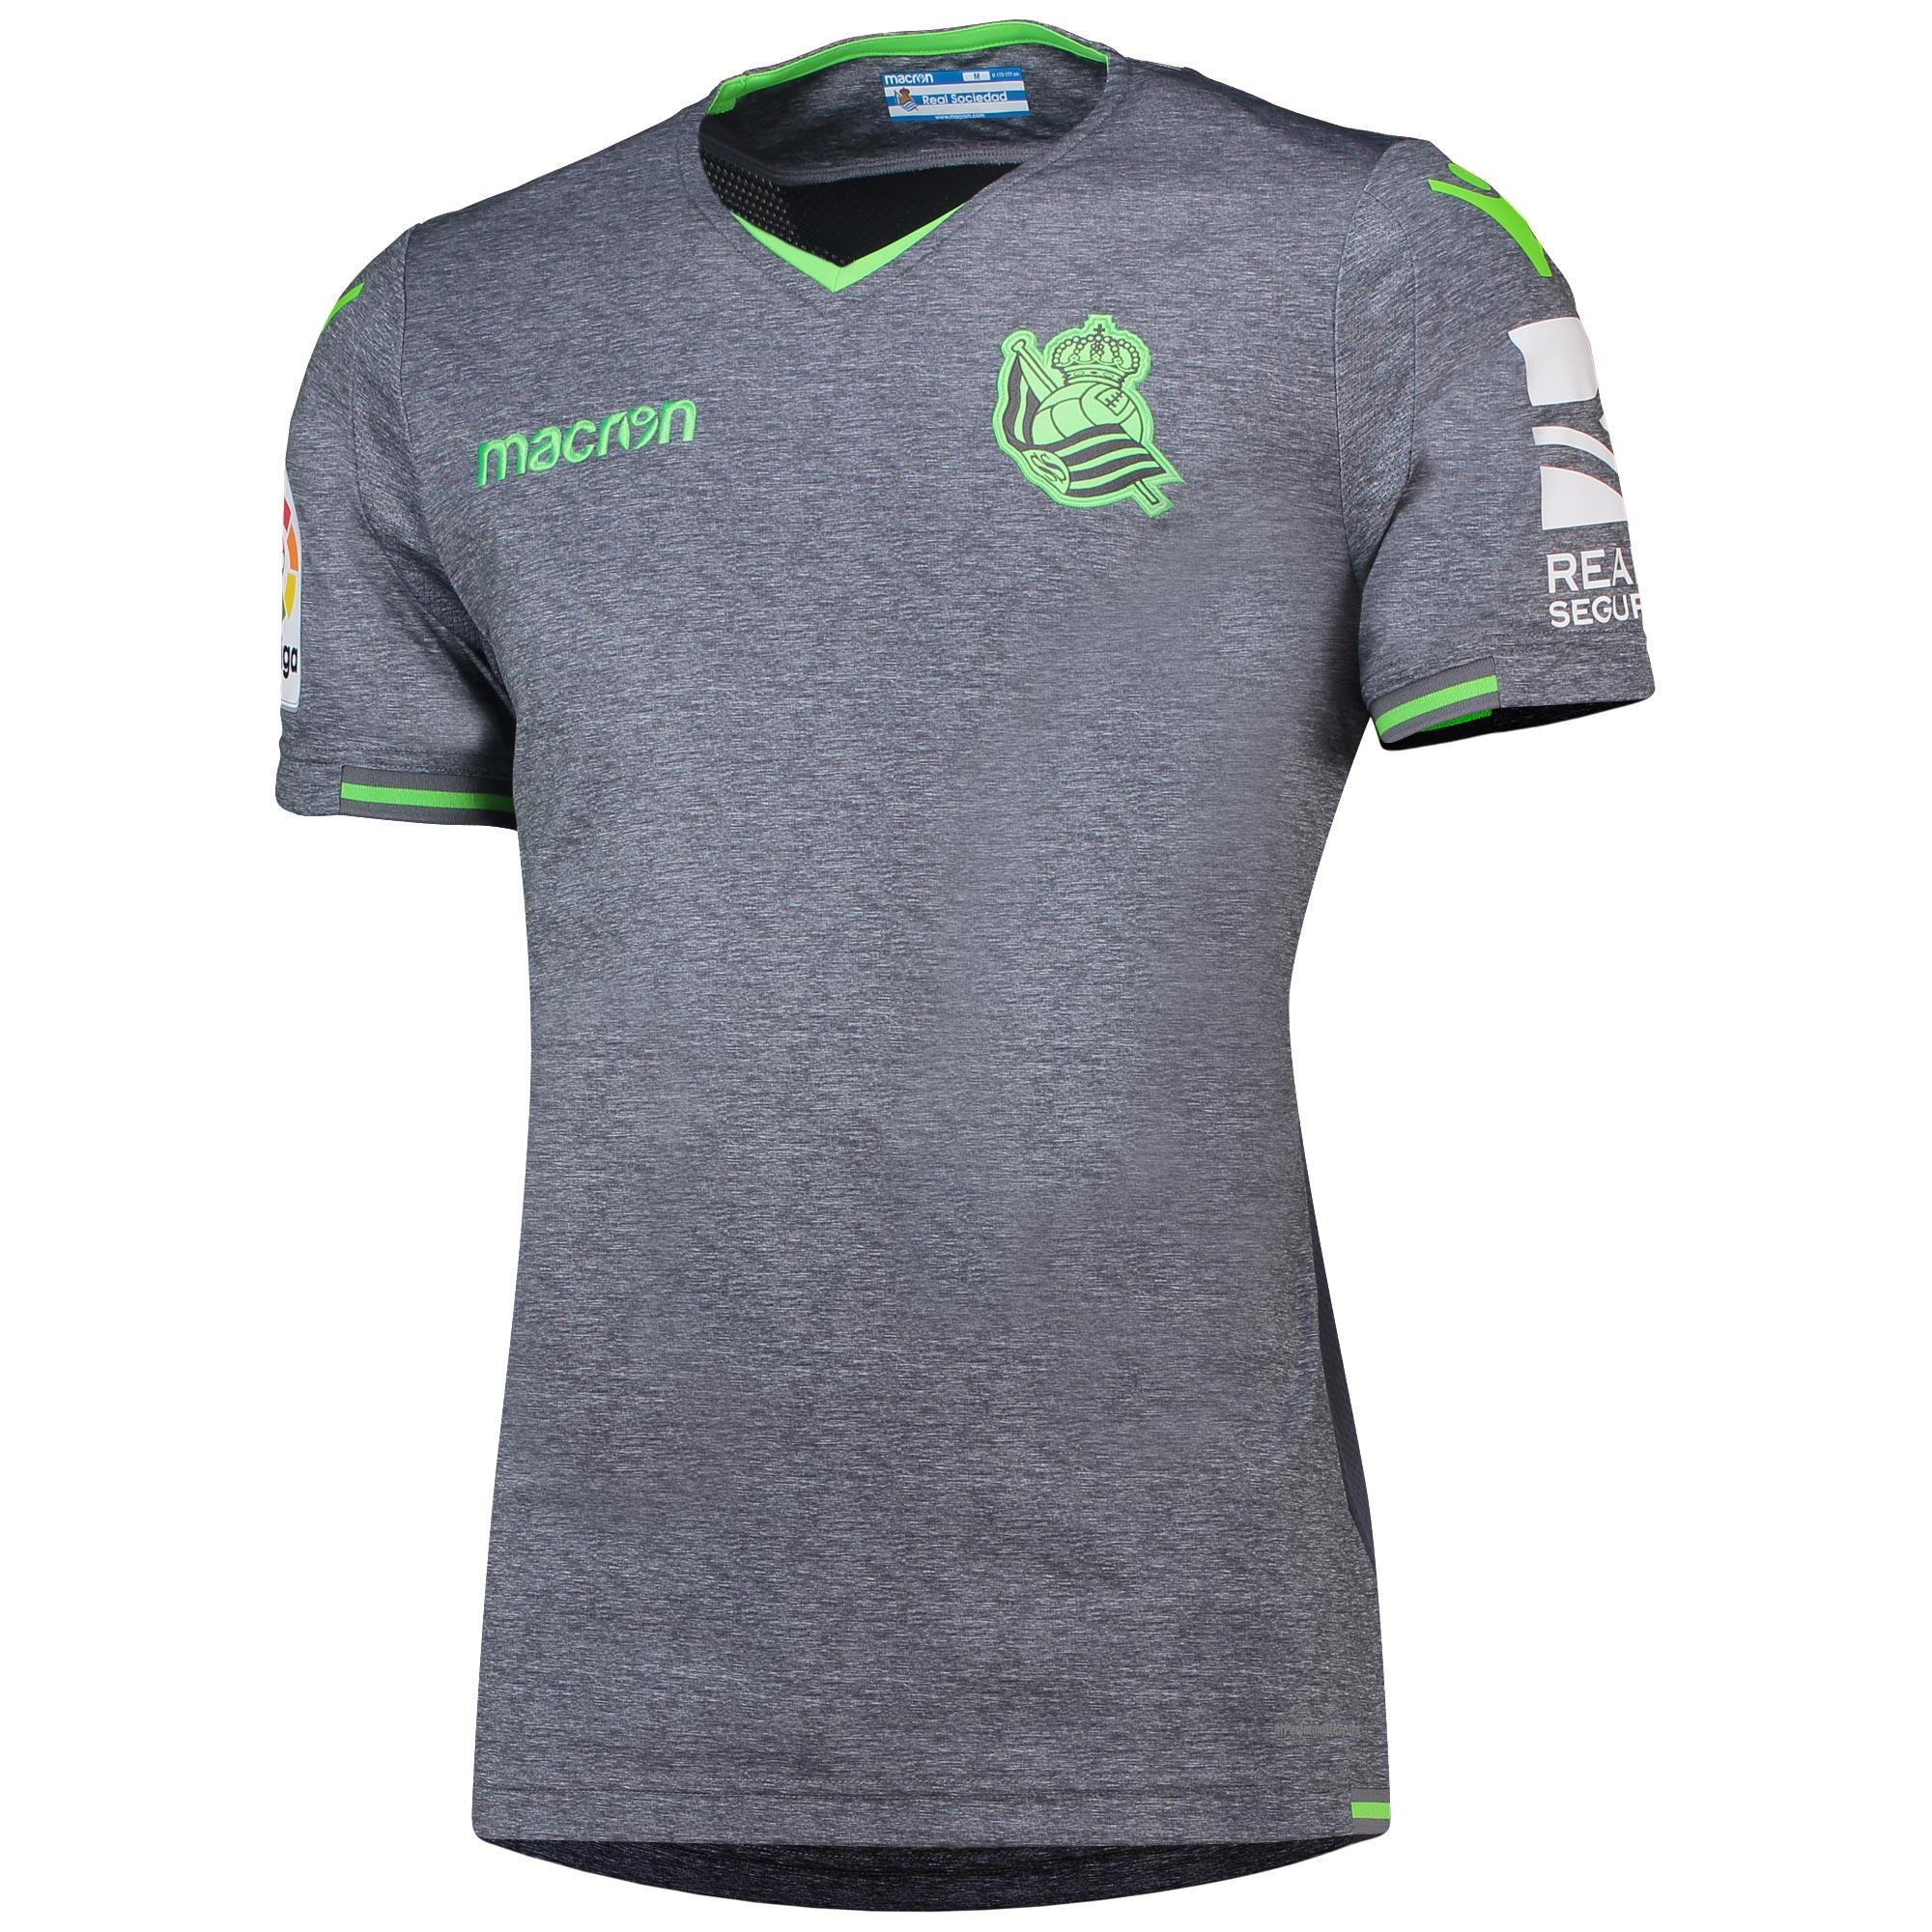 Real Sociedad Away Shirt 2018-19